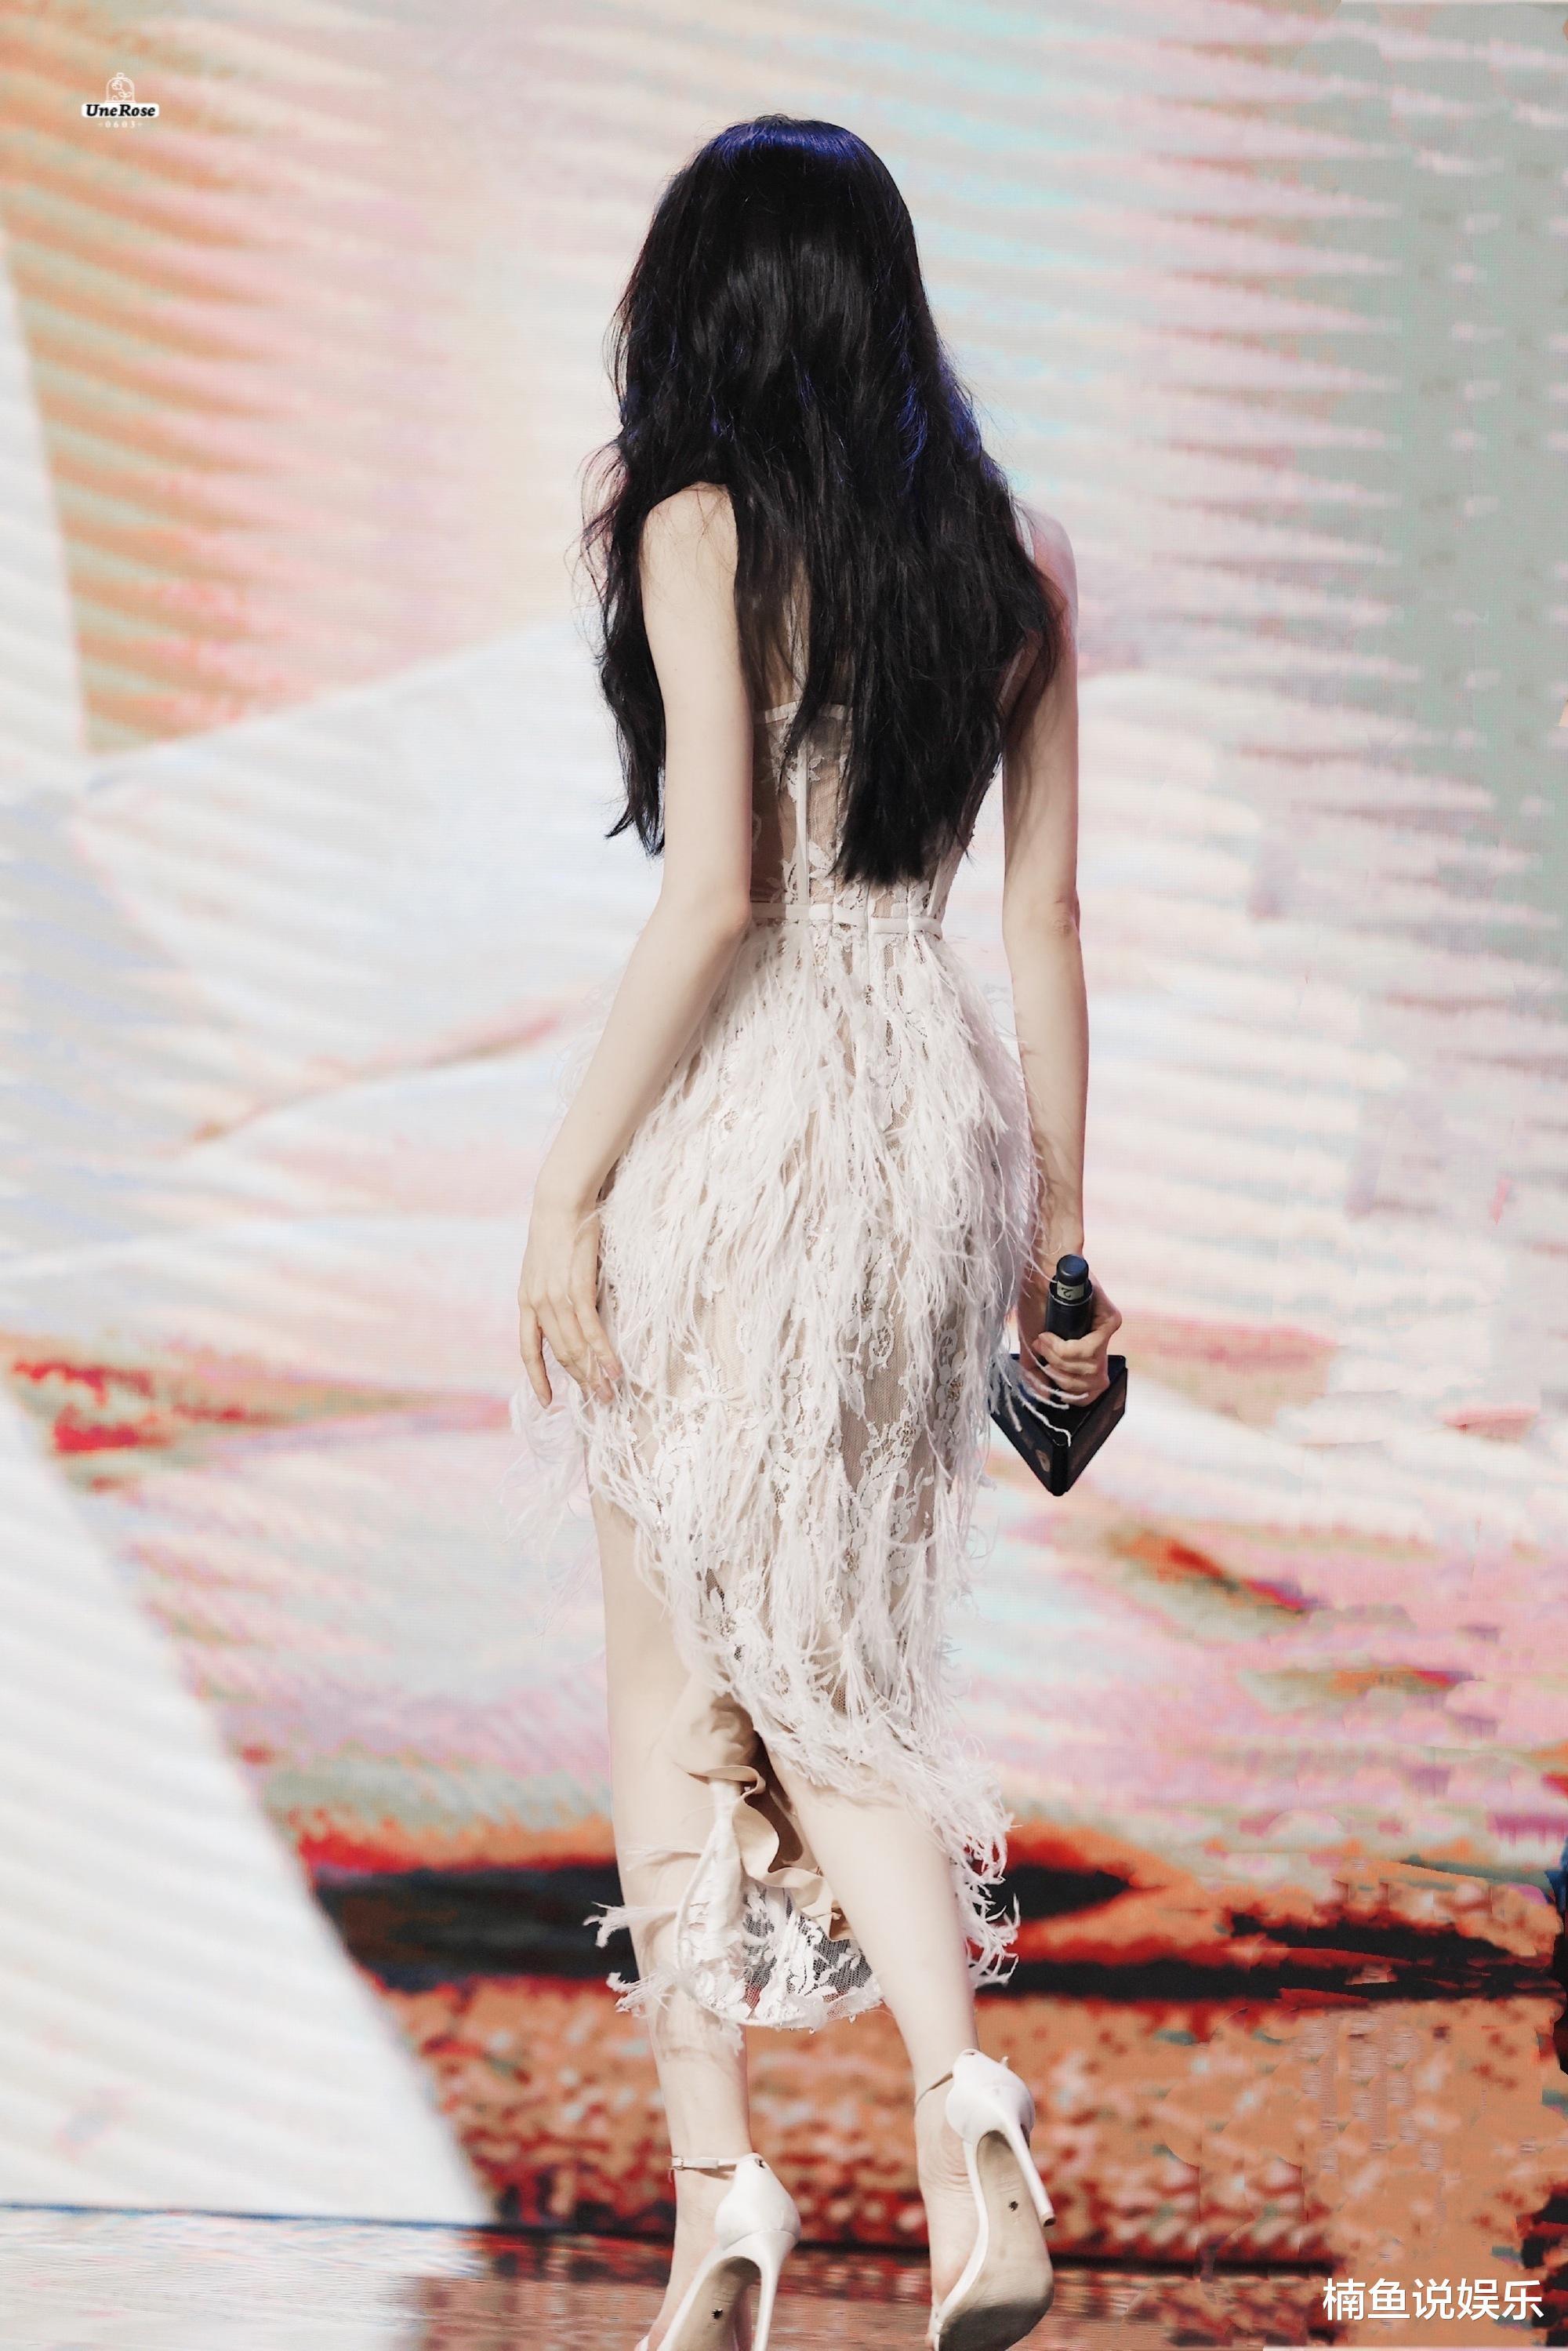 有一种性感叫迪丽热巴,长发飘飘镂空羽毛裙抢镜,窈窕身段太迷人